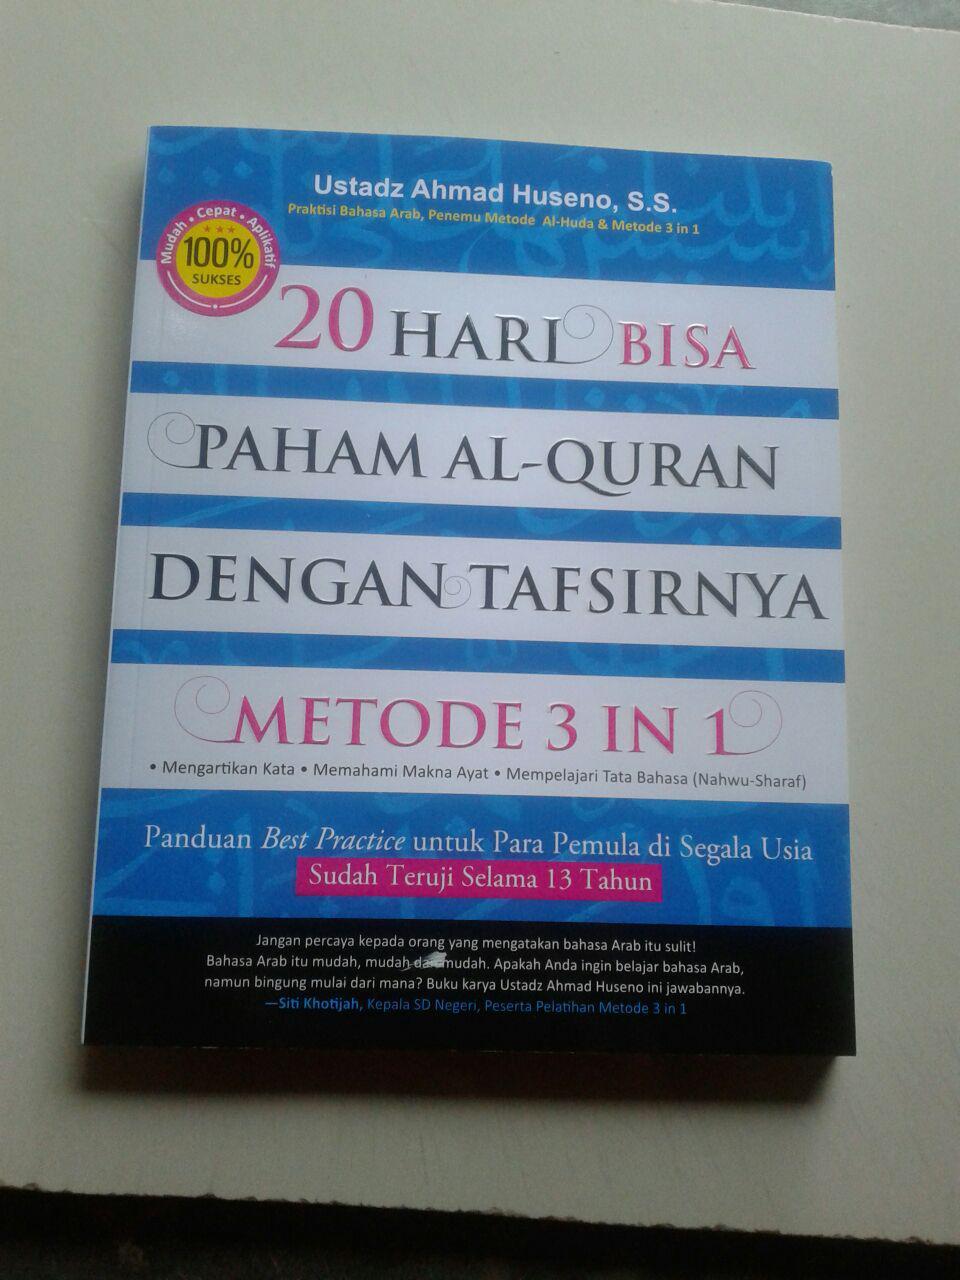 Buku 20 Hari Bisa Paham Al-Qur'an Dengan Tafsirnya Metode 3 IN 1 cover 2